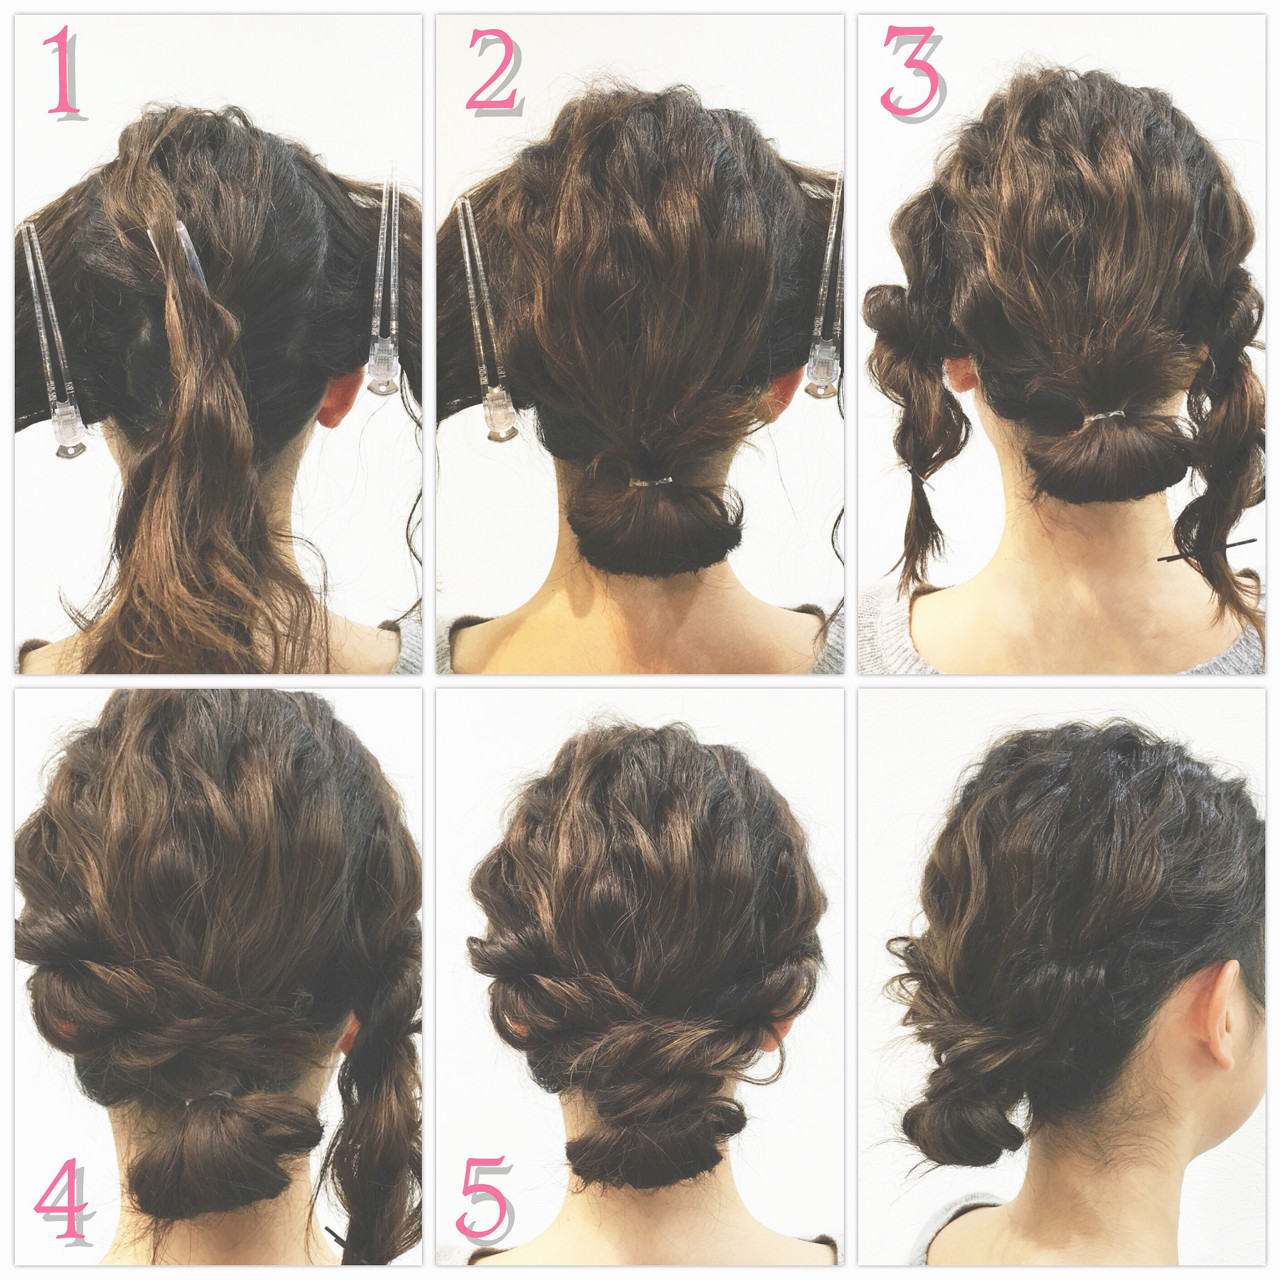 ロープ編み ショート シニヨン 簡単ヘアアレンジヘアスタイルや髪型の写真・画像